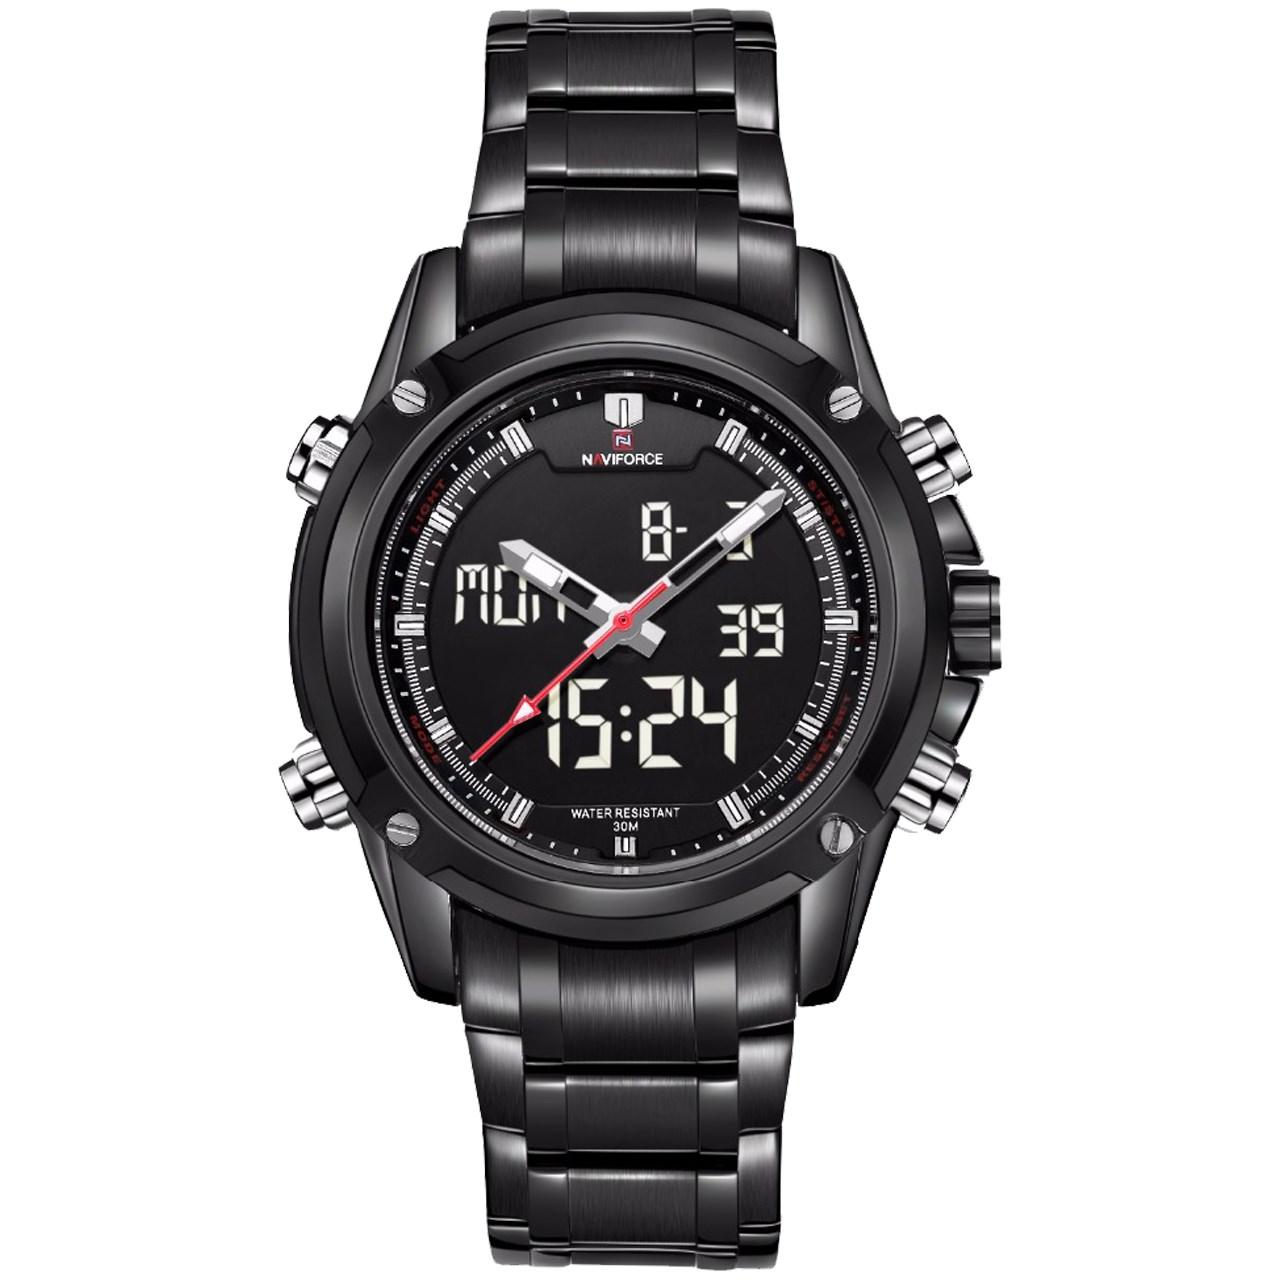 ساعت مچی عقربه ای مردانه نیوی فورس مدل NF9050M/BBW